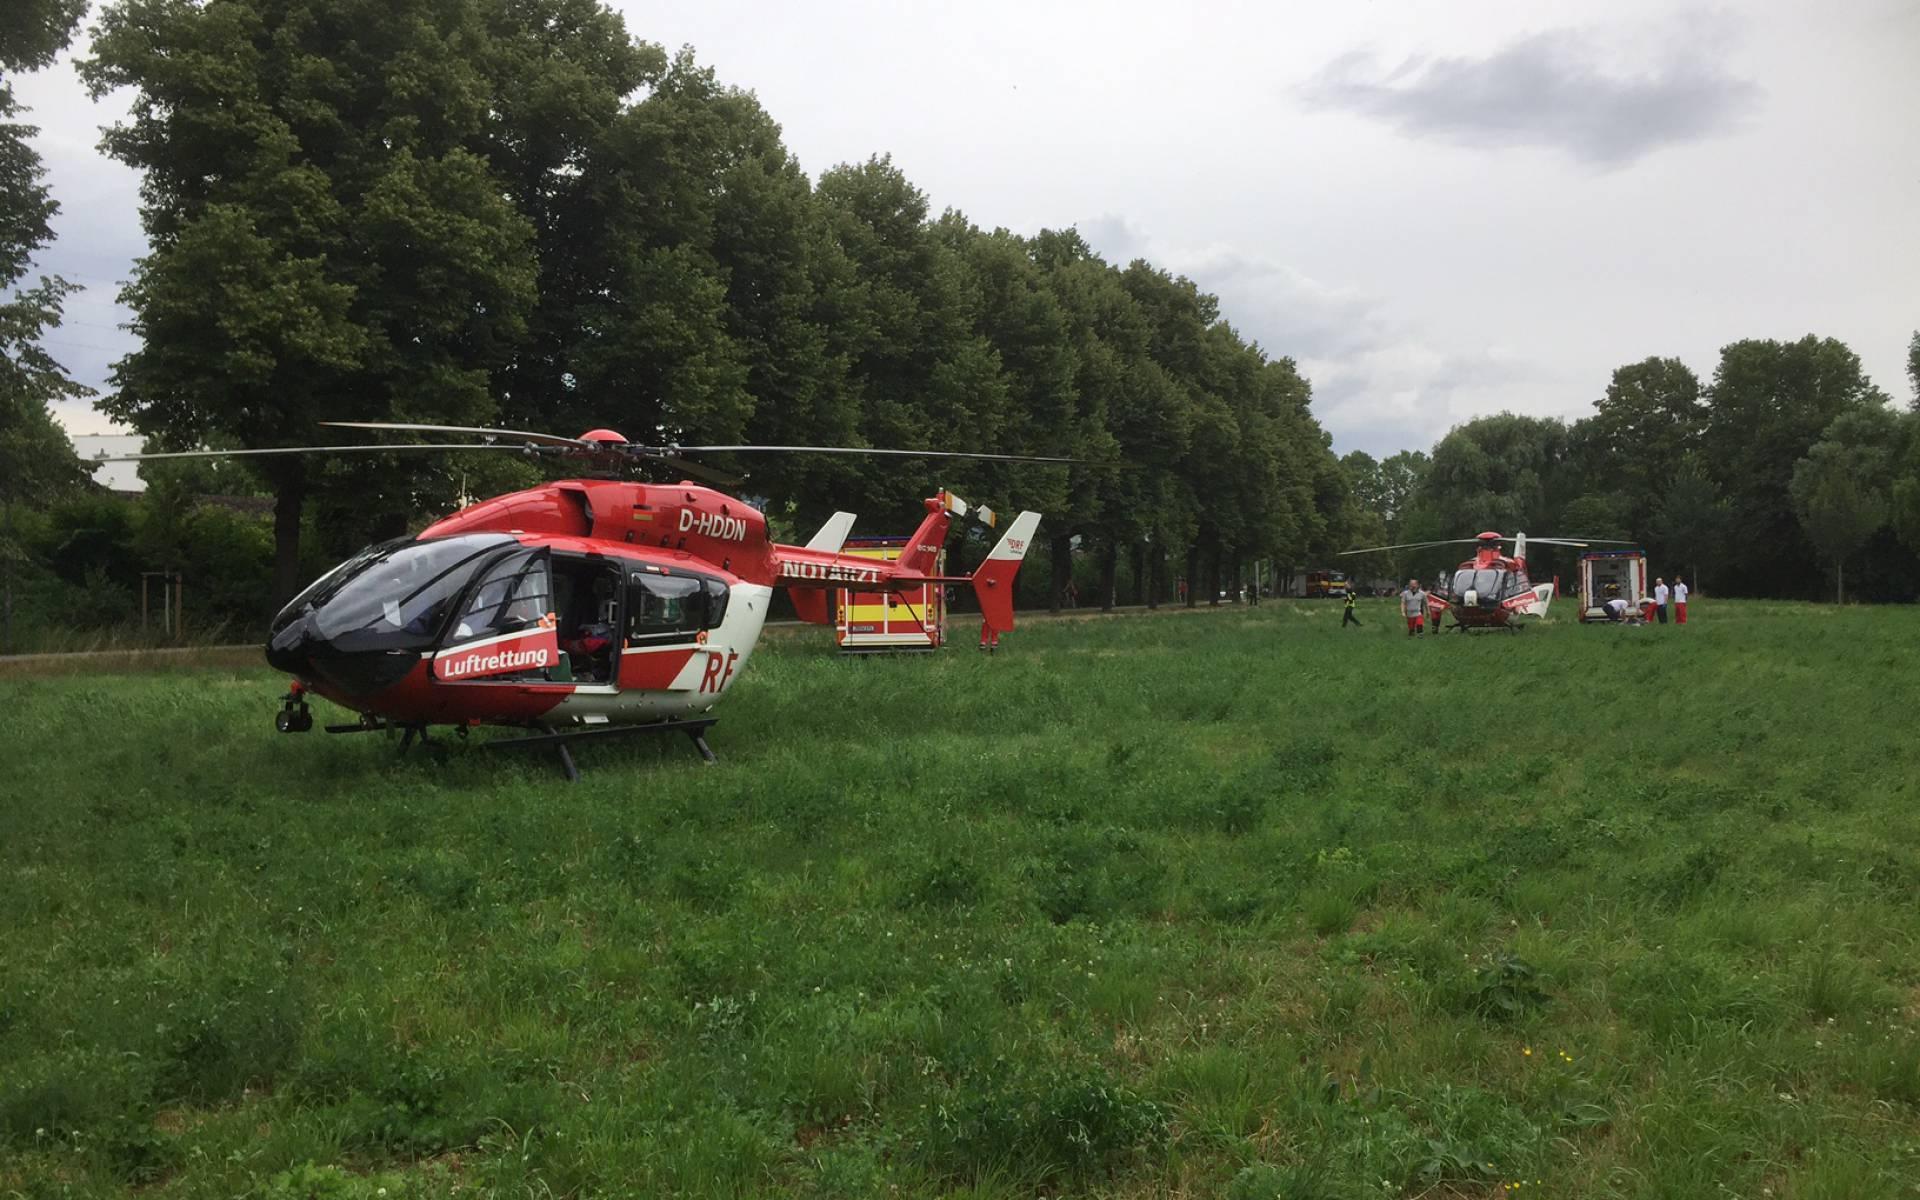 Christoph Thüringen und Christoph 60 aus Suhl waren im Einsatz, nachdem sich zwei Arbeiter schwer an den Augen verletzt hatten.